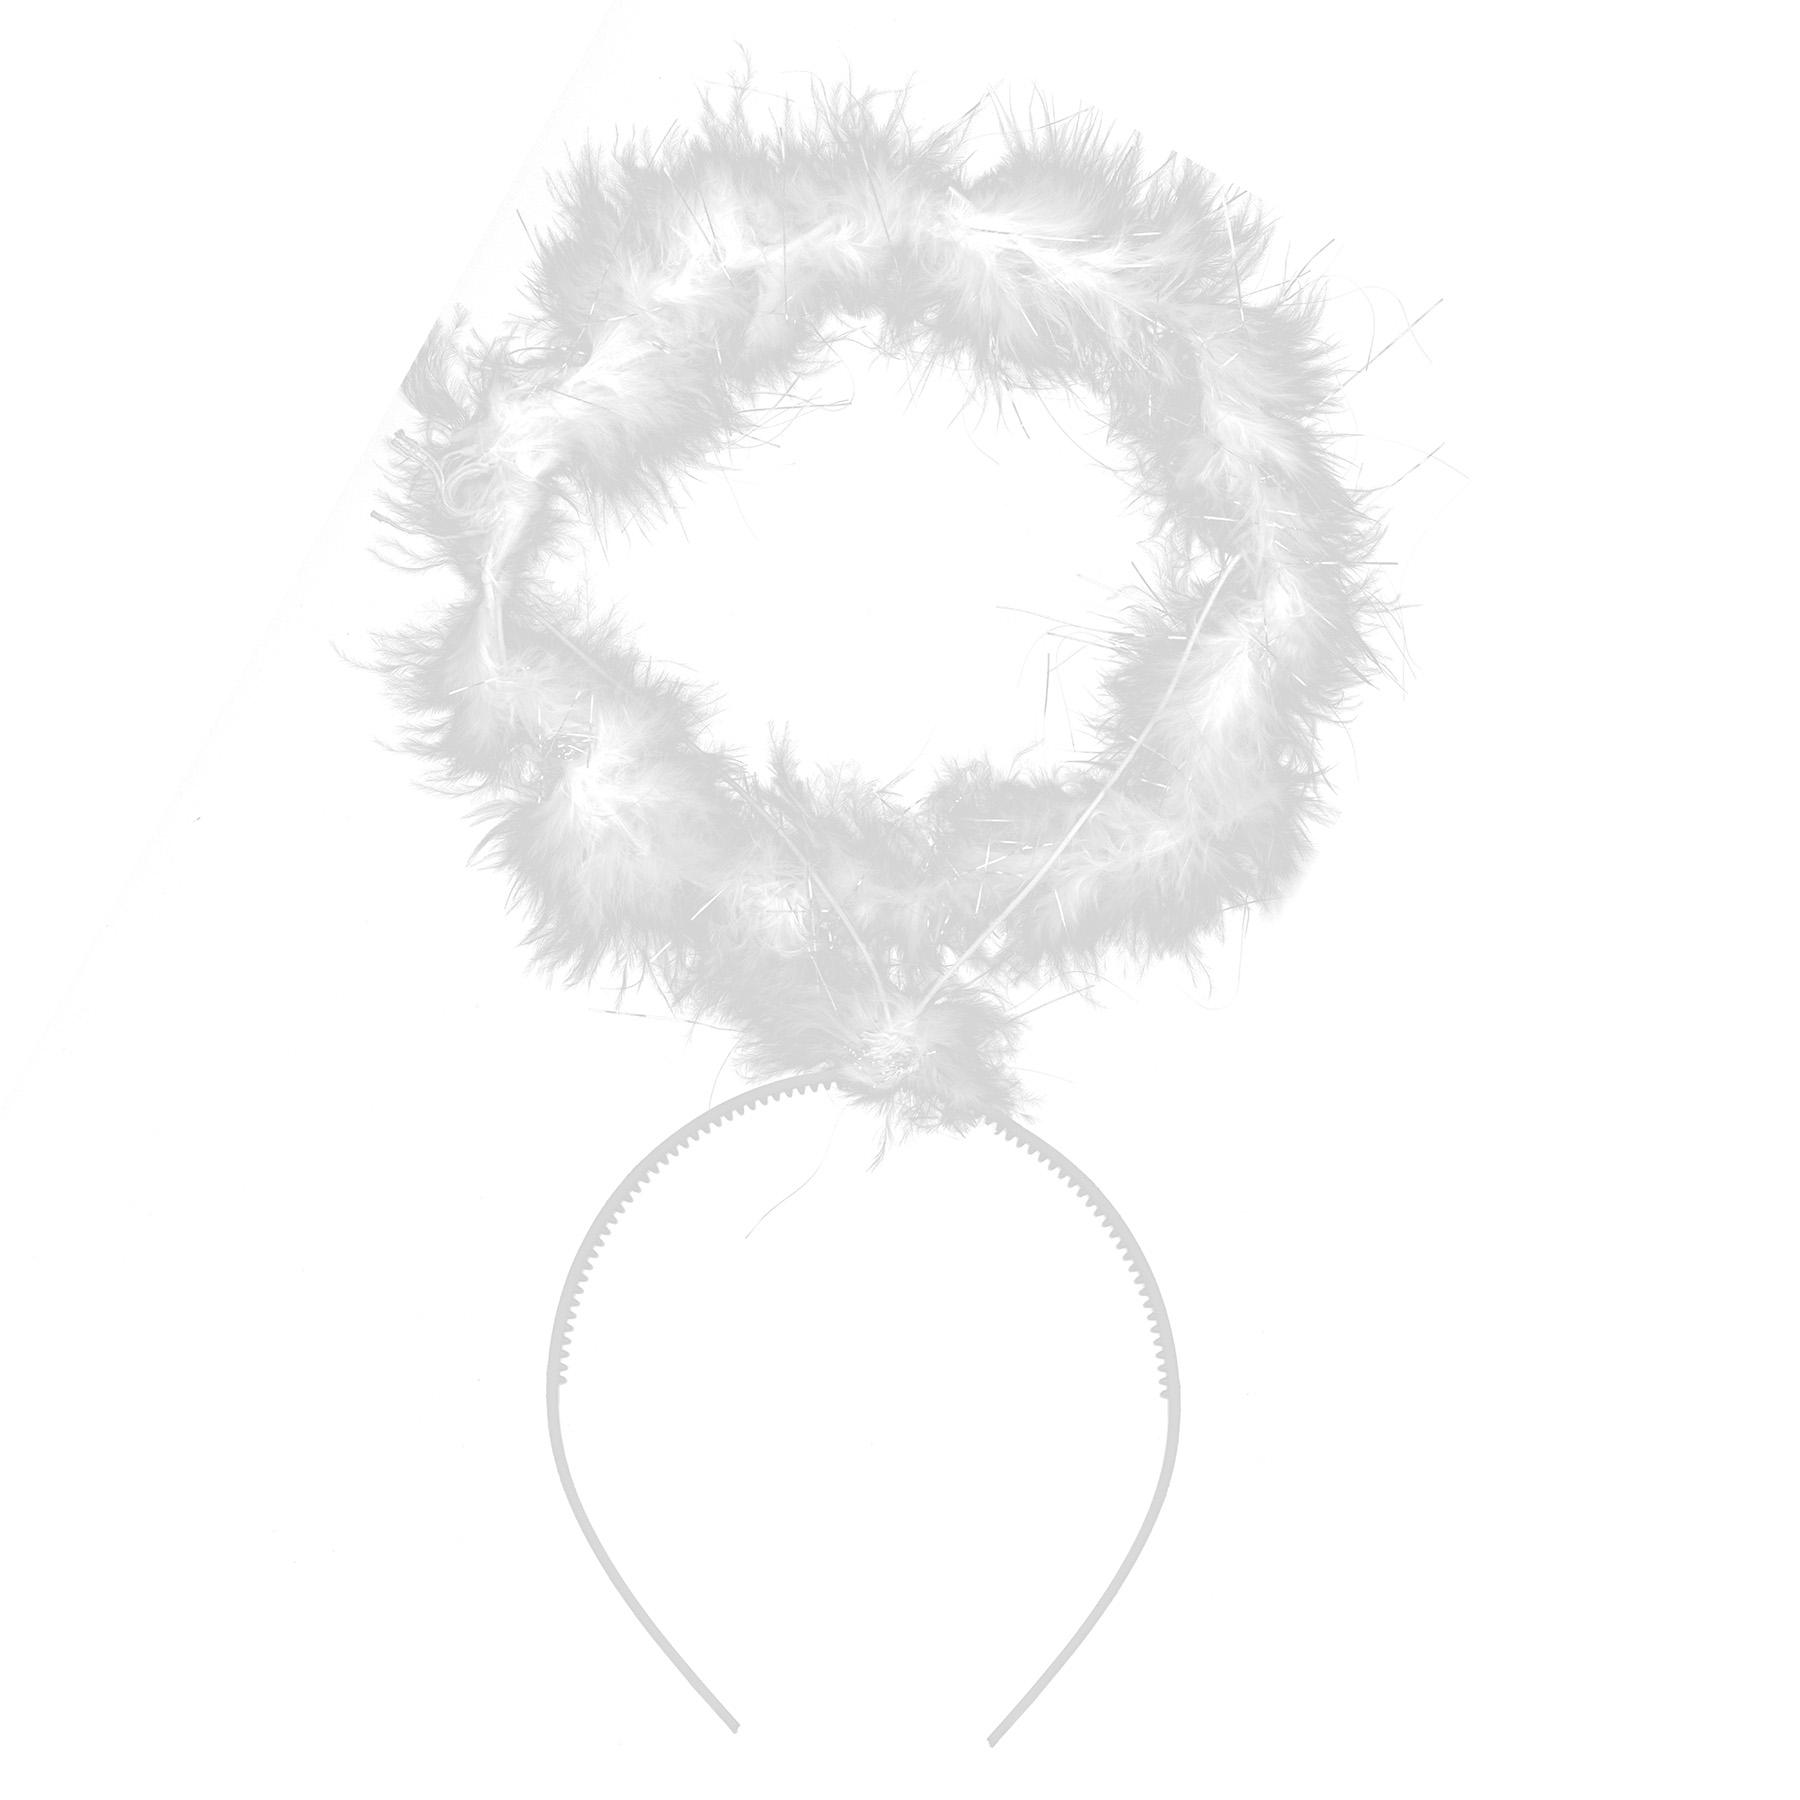 čelenka - svätožiara anjelská s perím